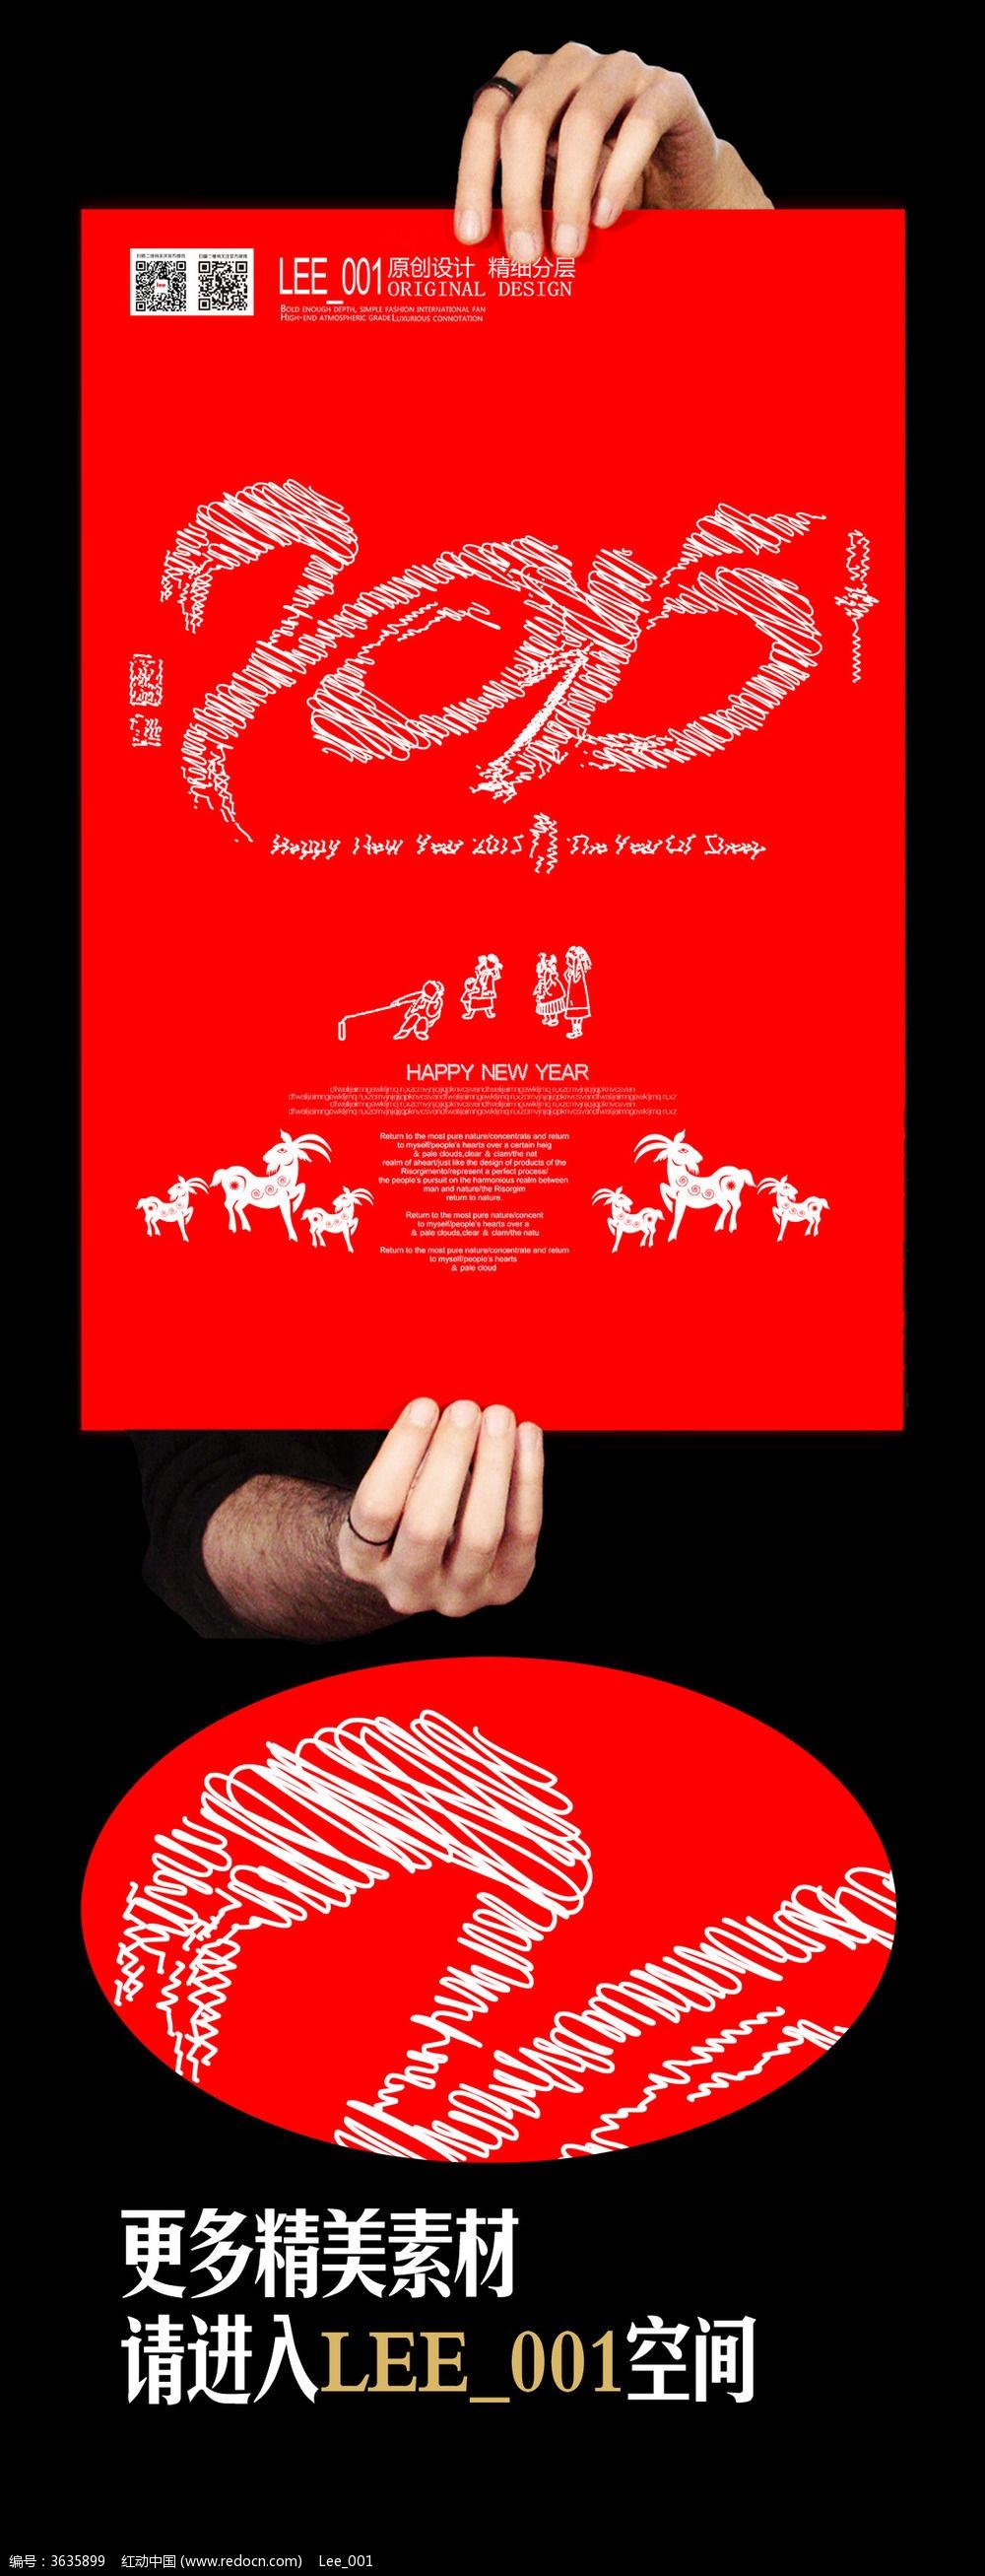 2015羊年线条创意海报设计